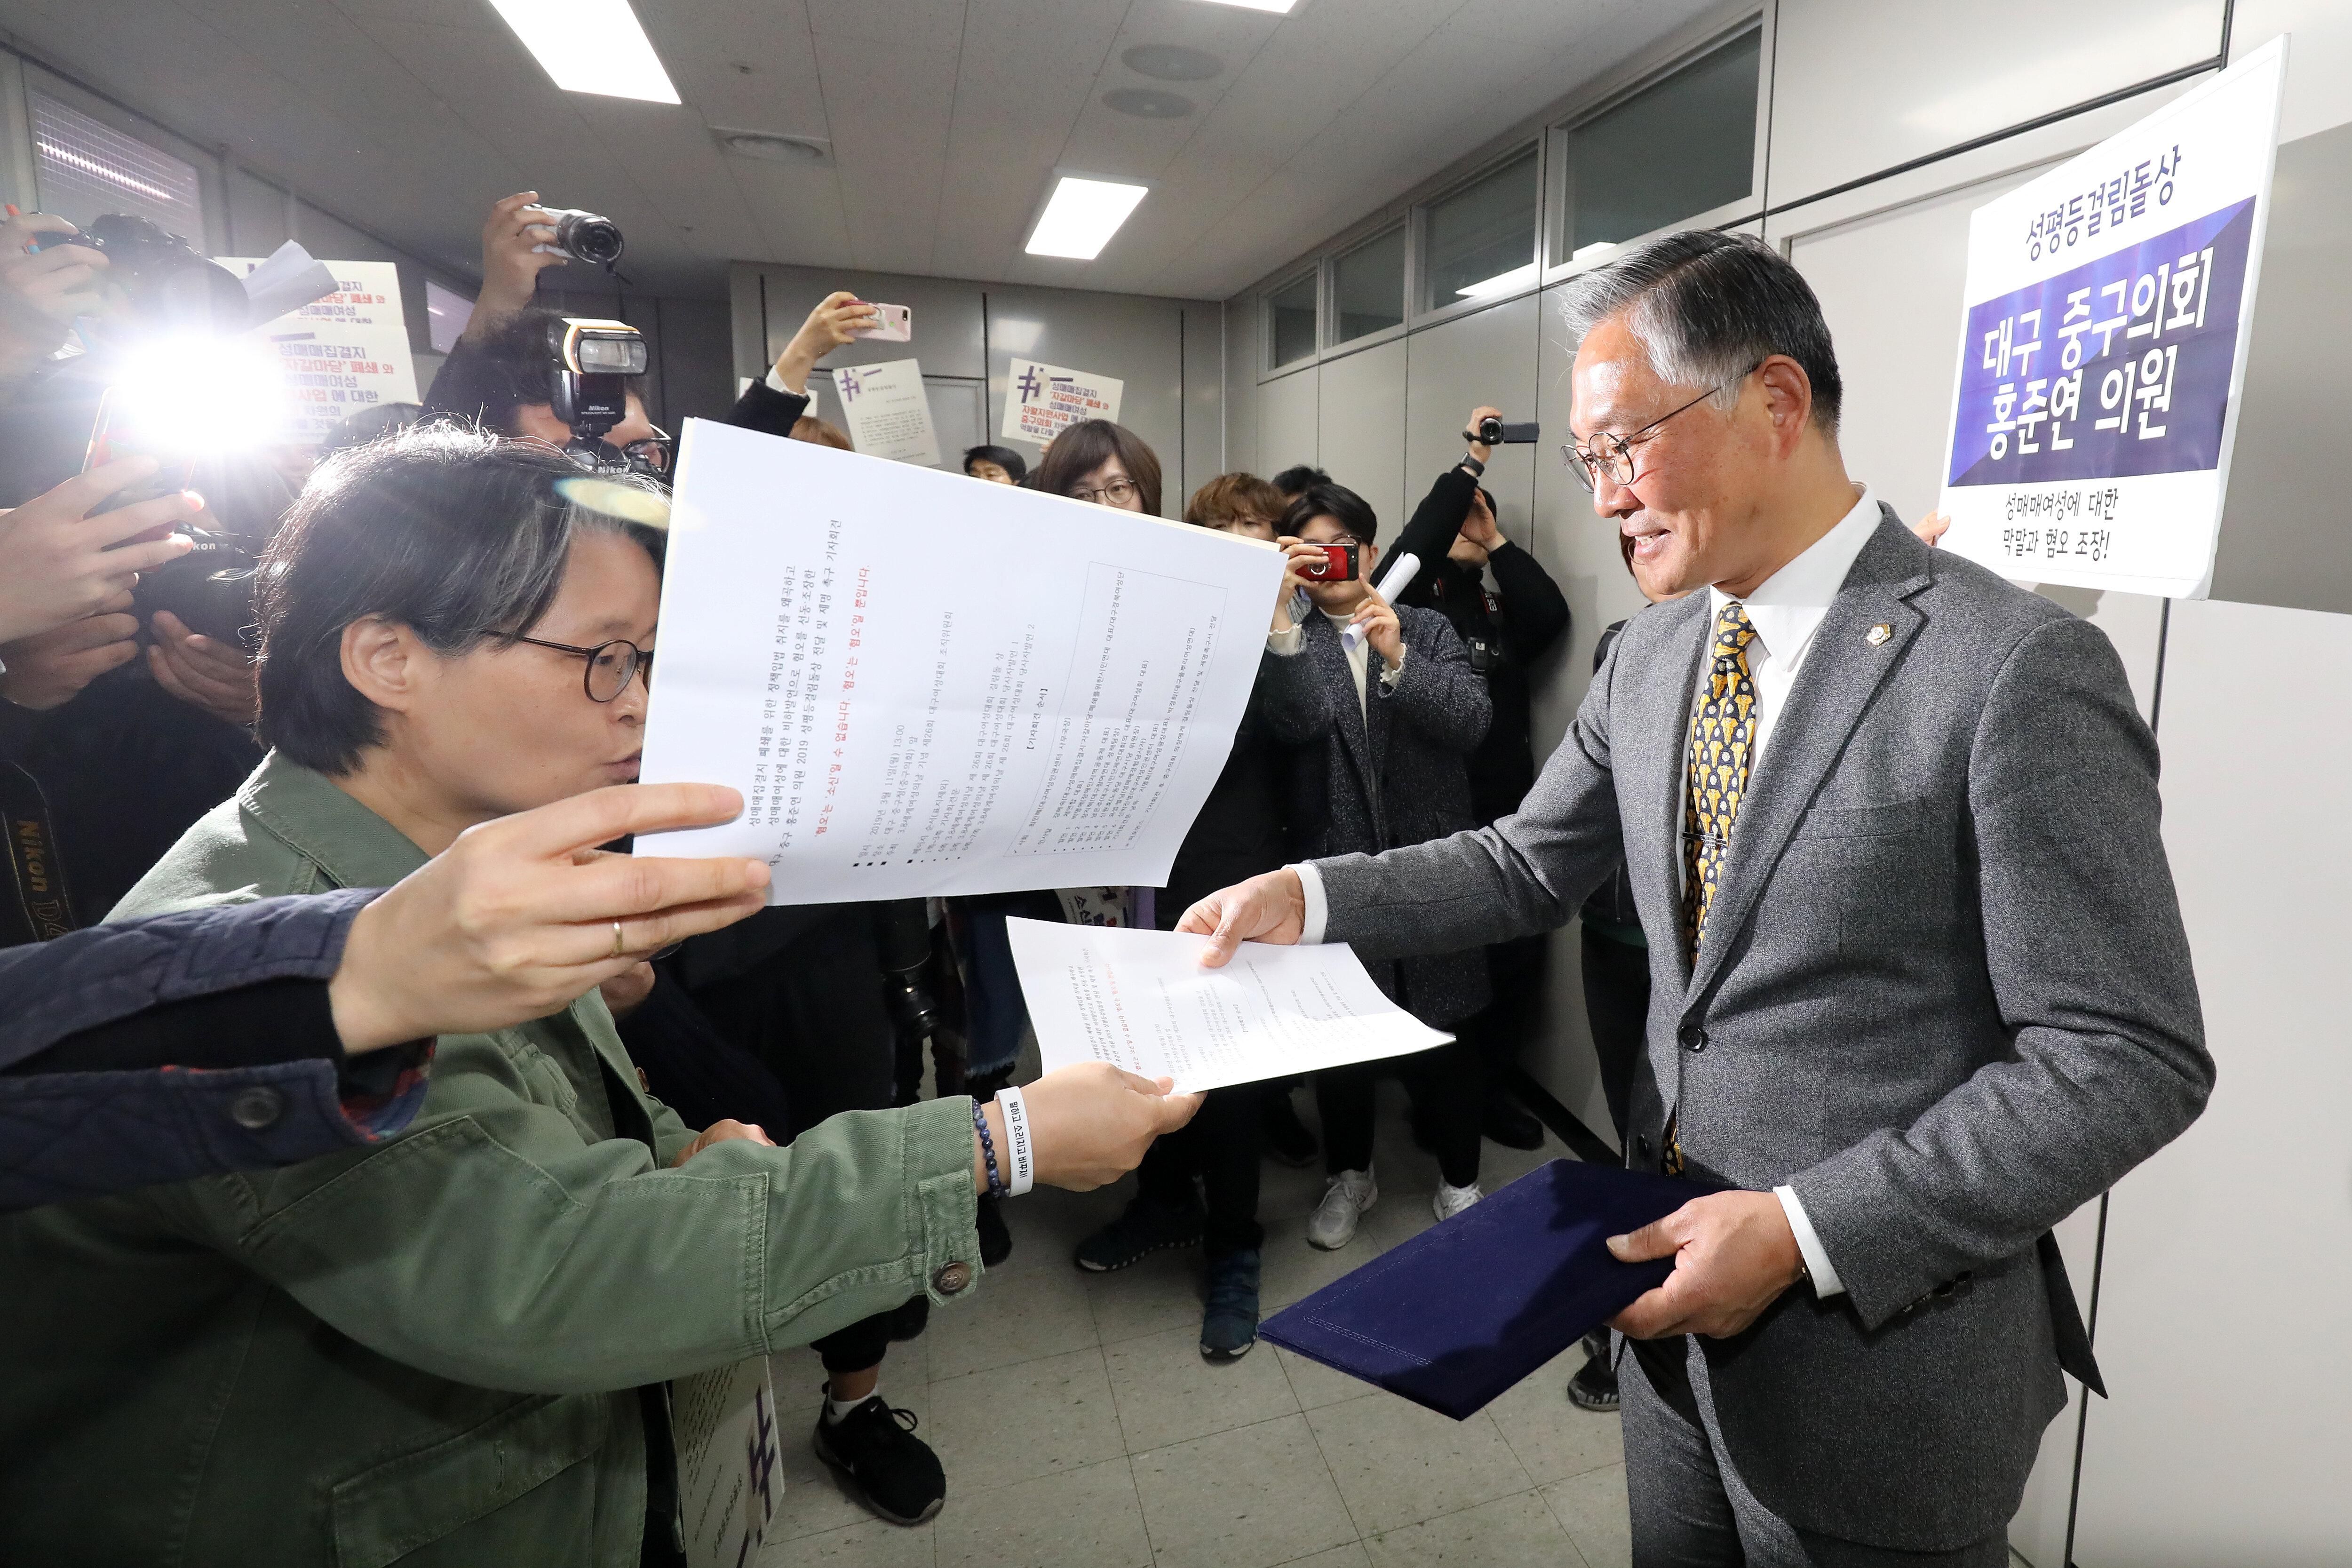 성매매 여성 비하 홍준연 구의원 '출석정지' 징계